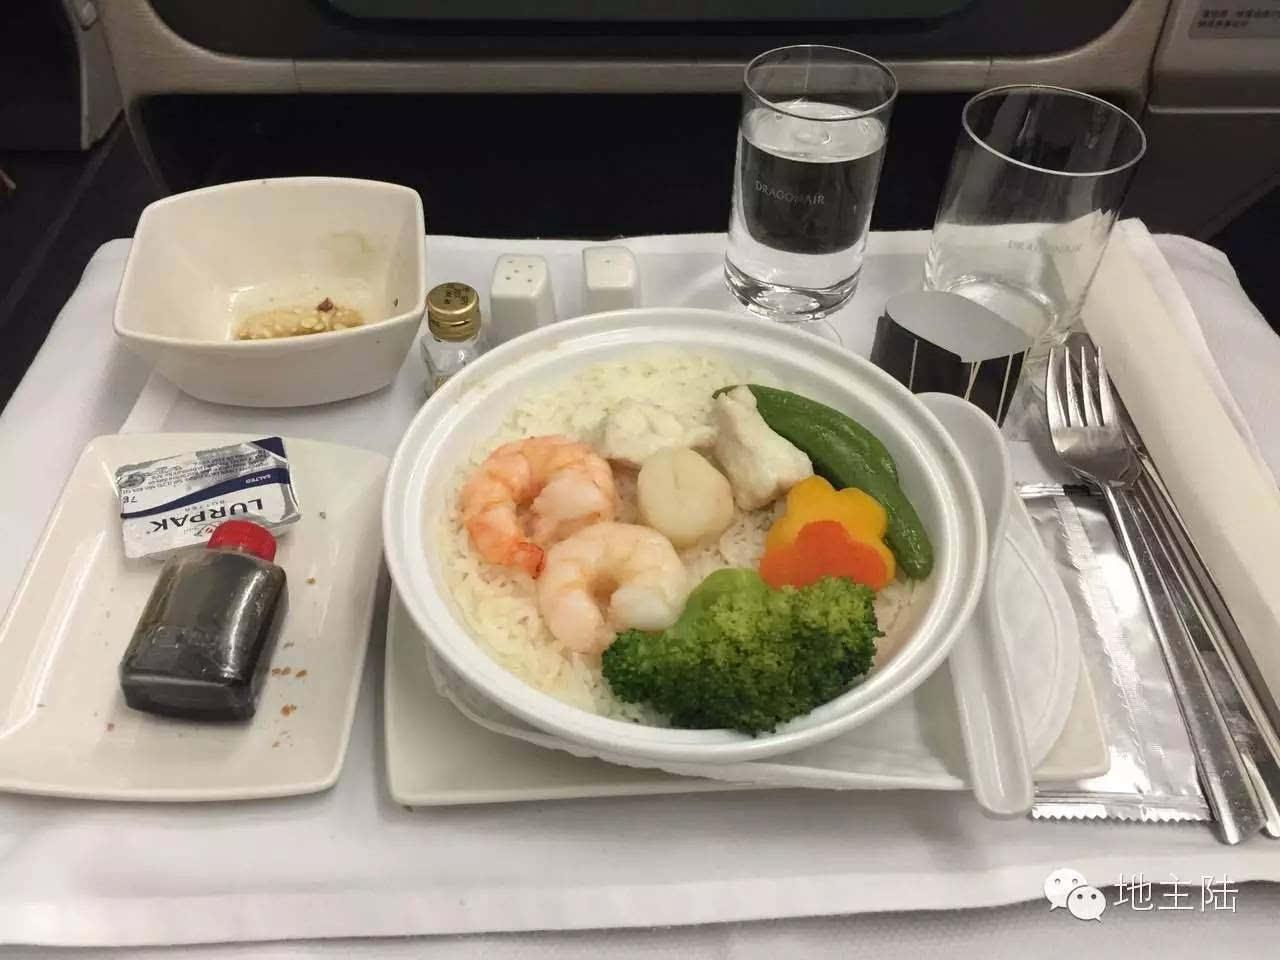 还有比食物餐更难吃的飞机么?食全食美面食食图片